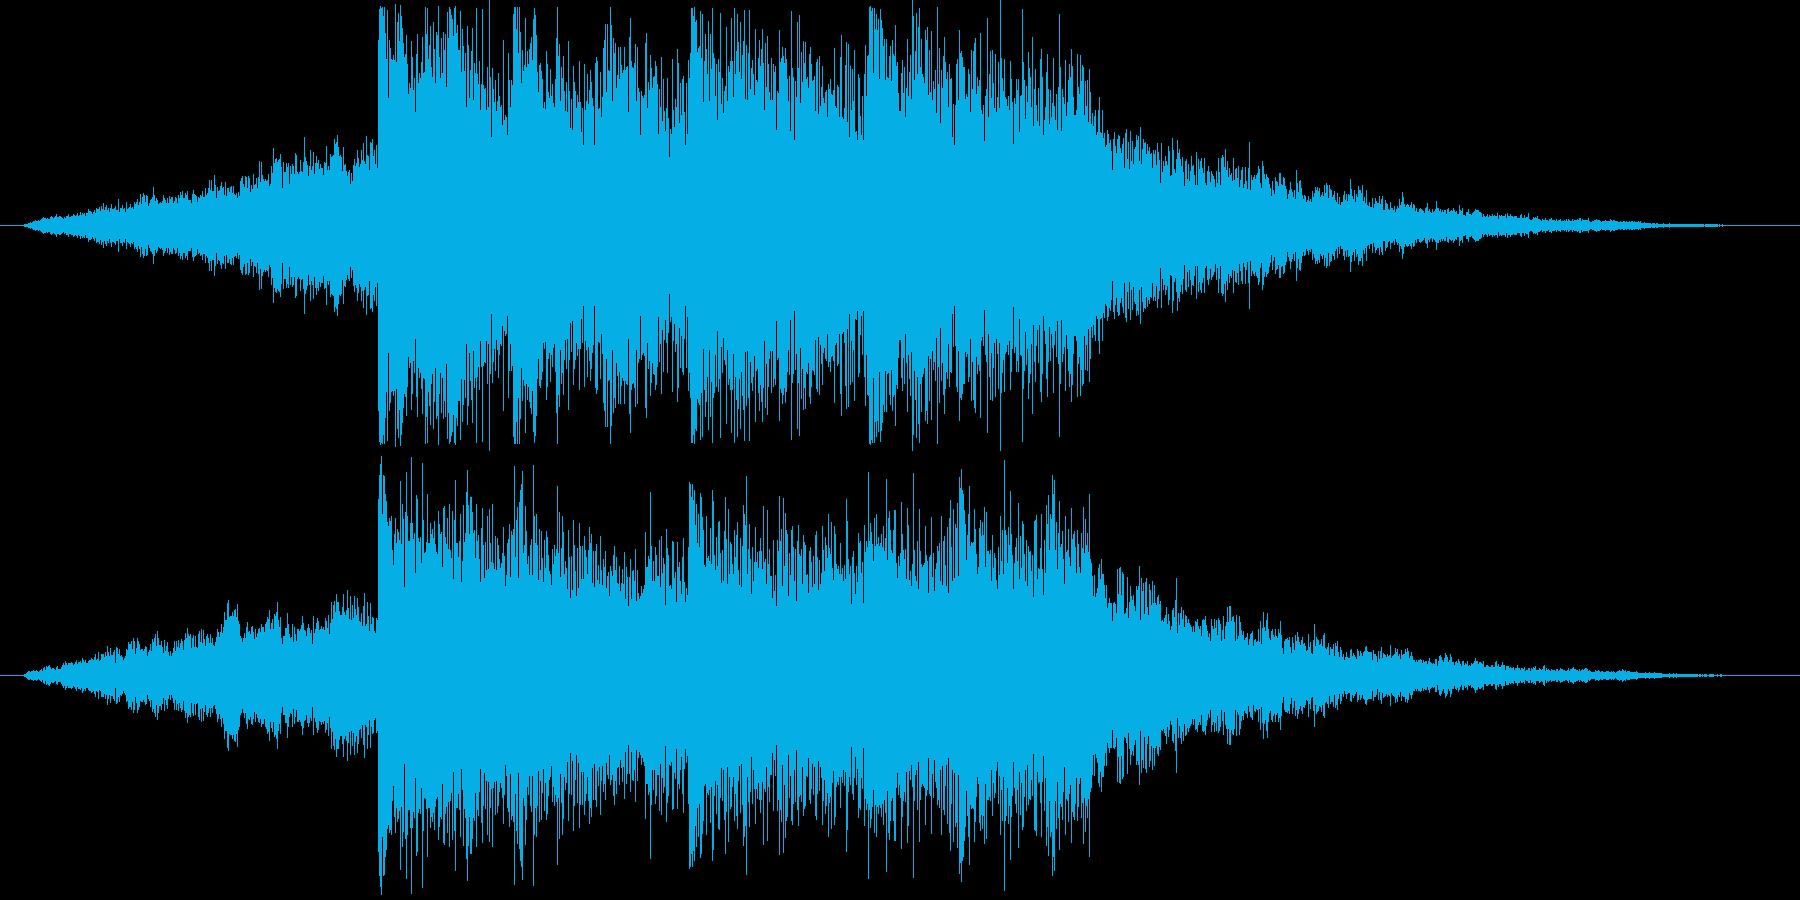 クールで深い世界観のデジタルロゴの再生済みの波形